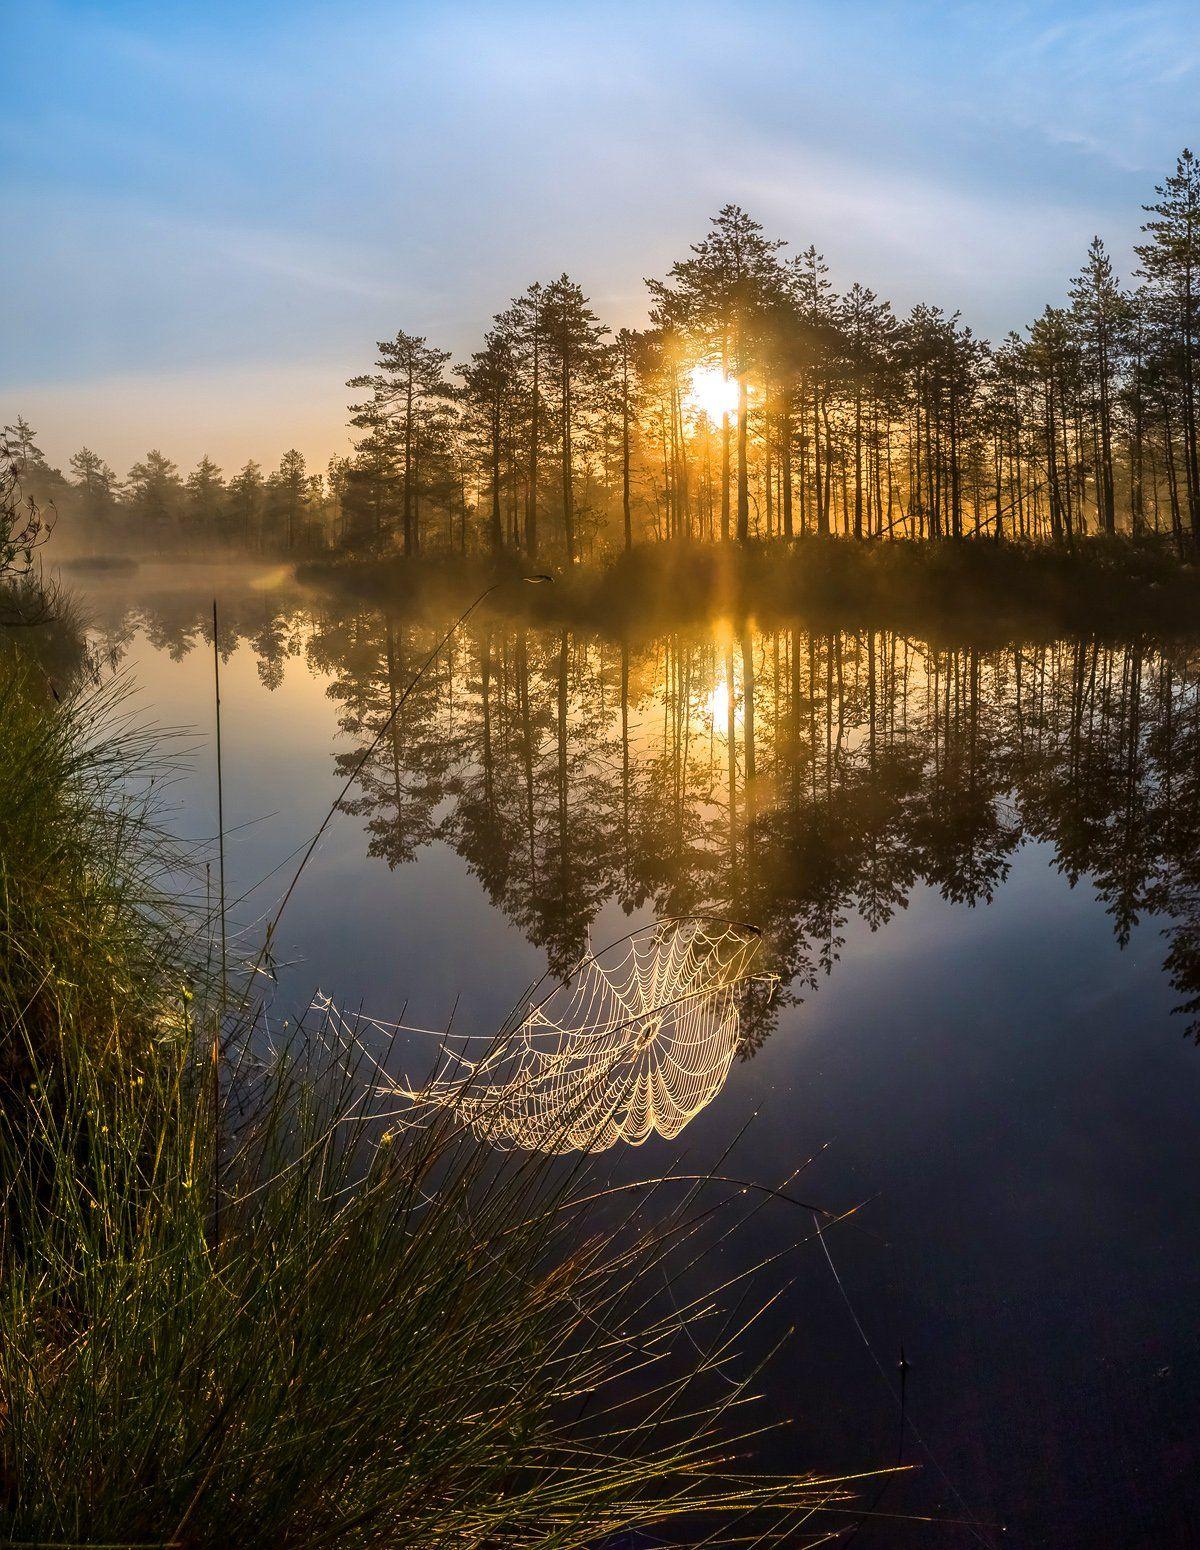 фототур, лето,  ленинградская область, деревья, сосна, озеро, рассвет, туман, солнце, отражение, паутина, лес., Лашков Фёдор